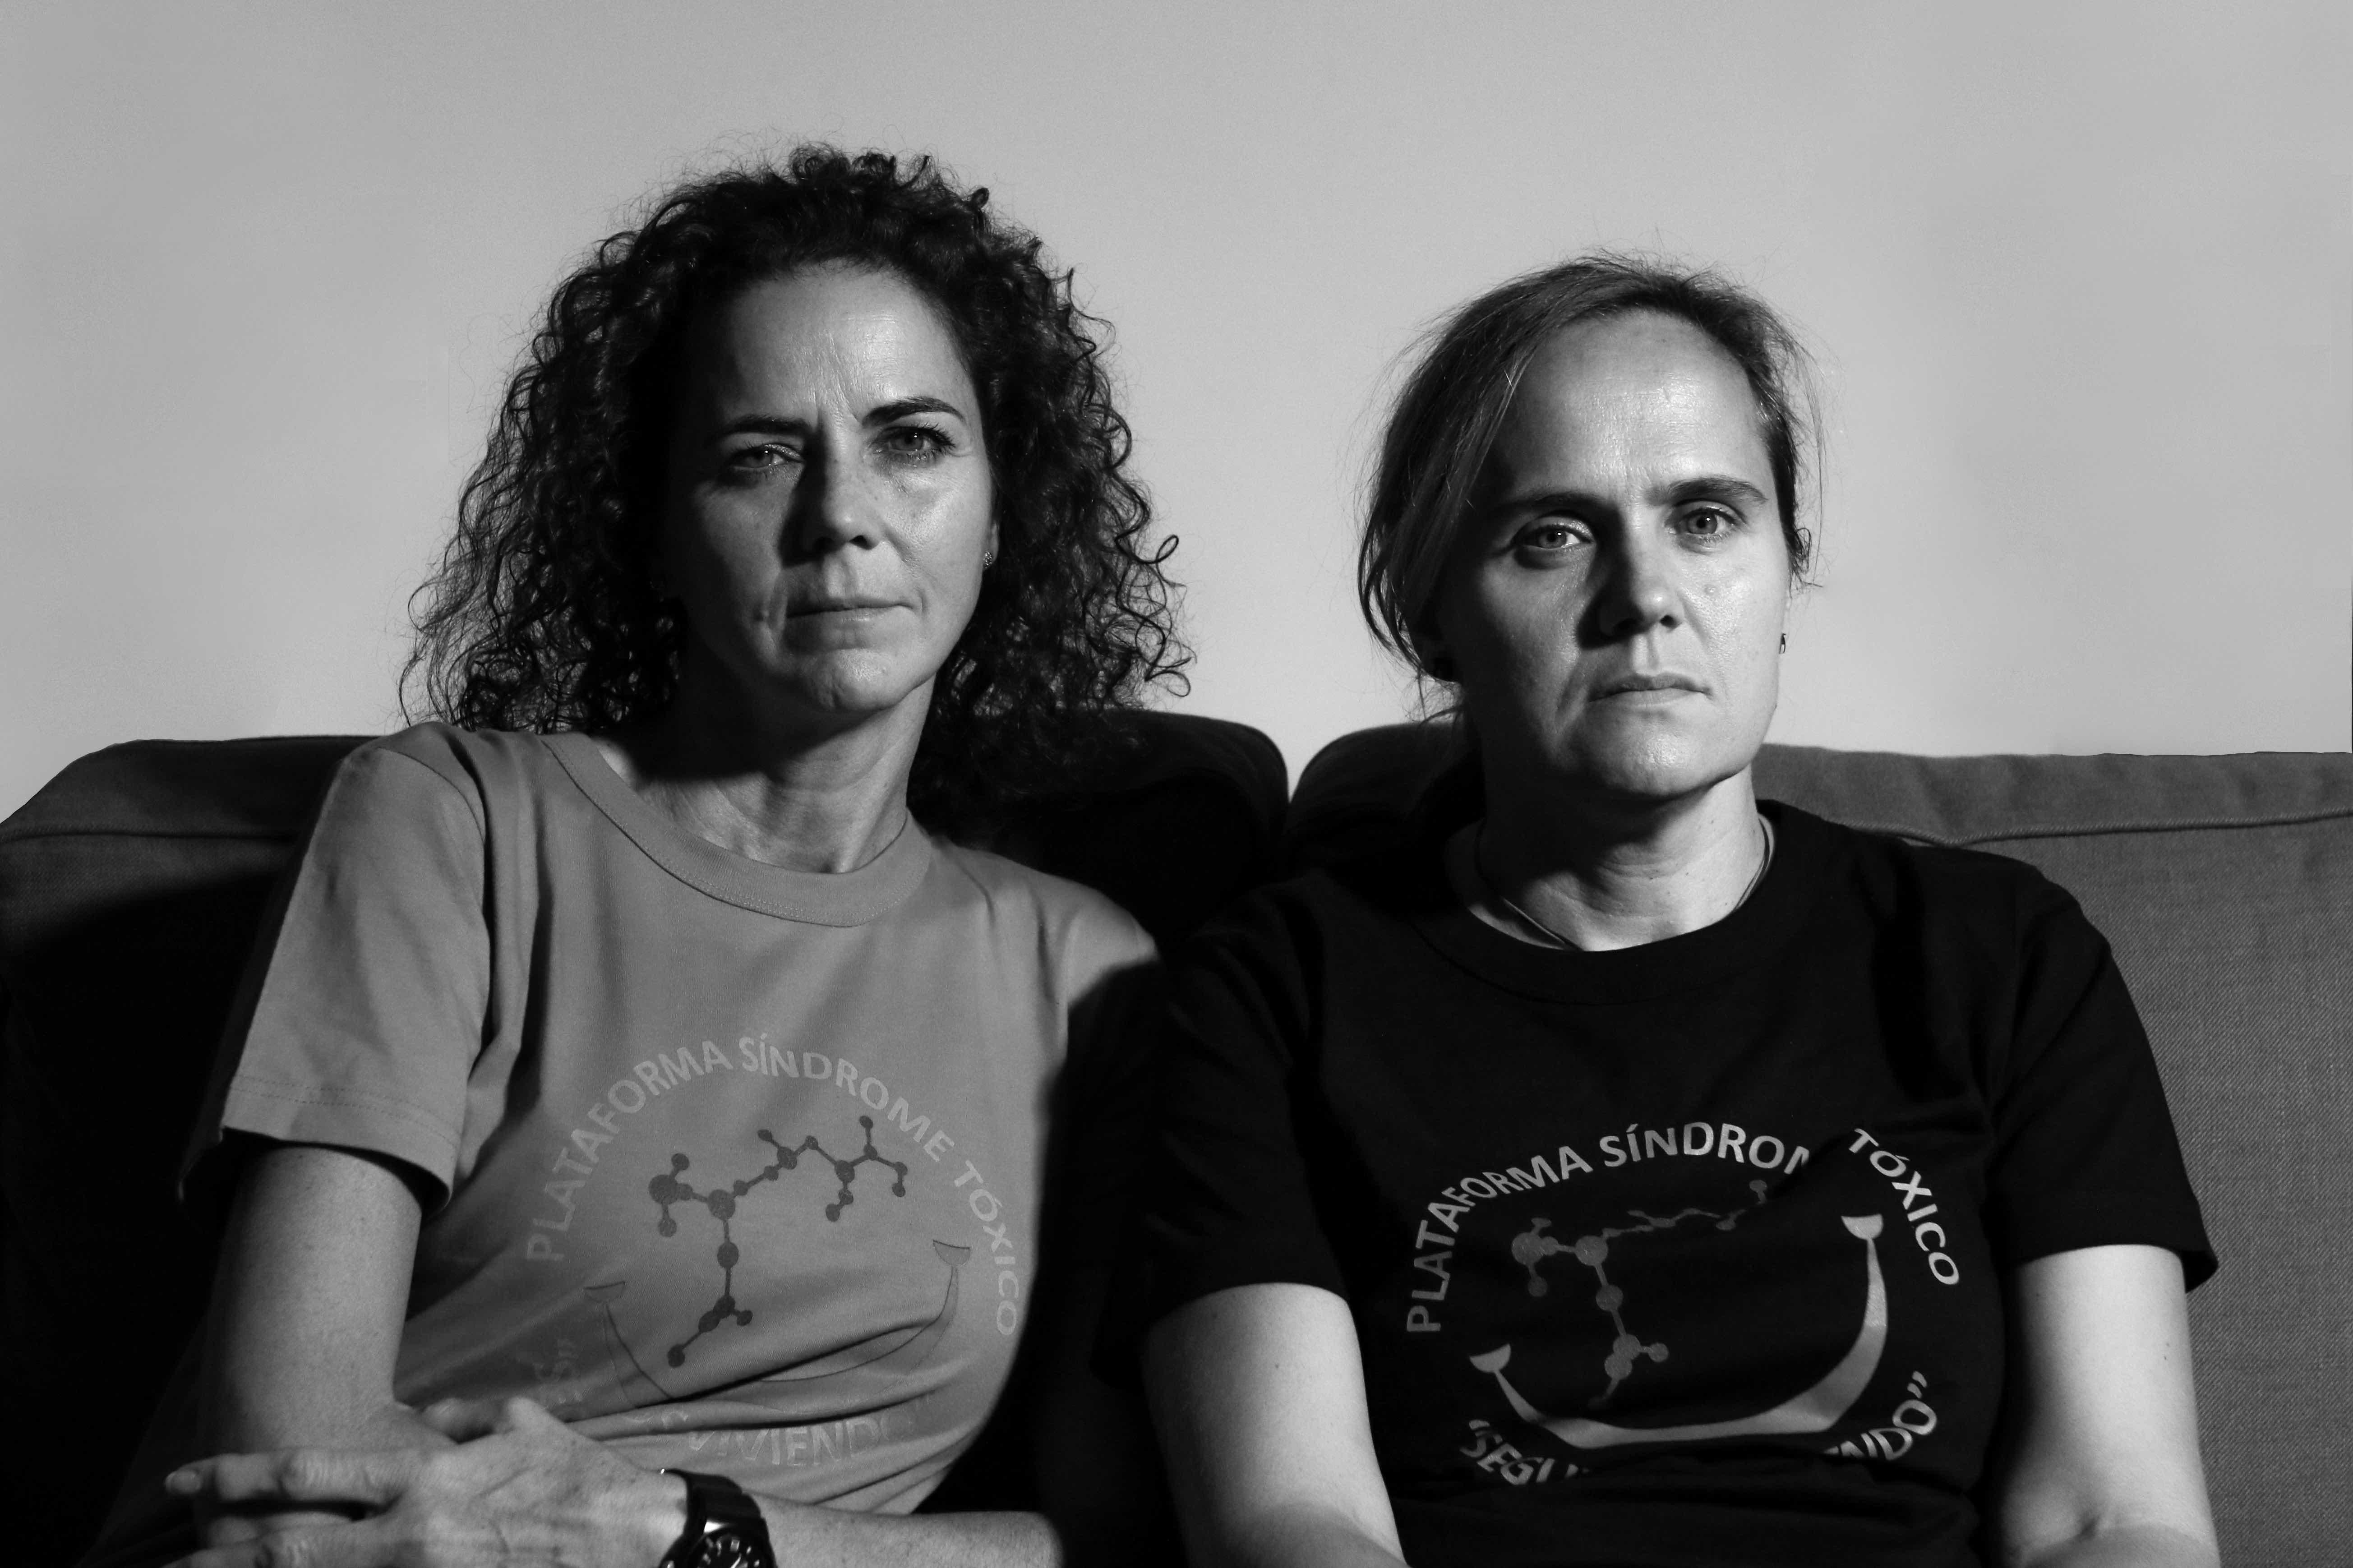 <p>Pilar y Juana Higes Pastor. Edad: 45 y 44. Edad a la que enfermaron: 10 y 9. Síntomas actuales: problemas en las articulaciones y colesterol elevado.</p>